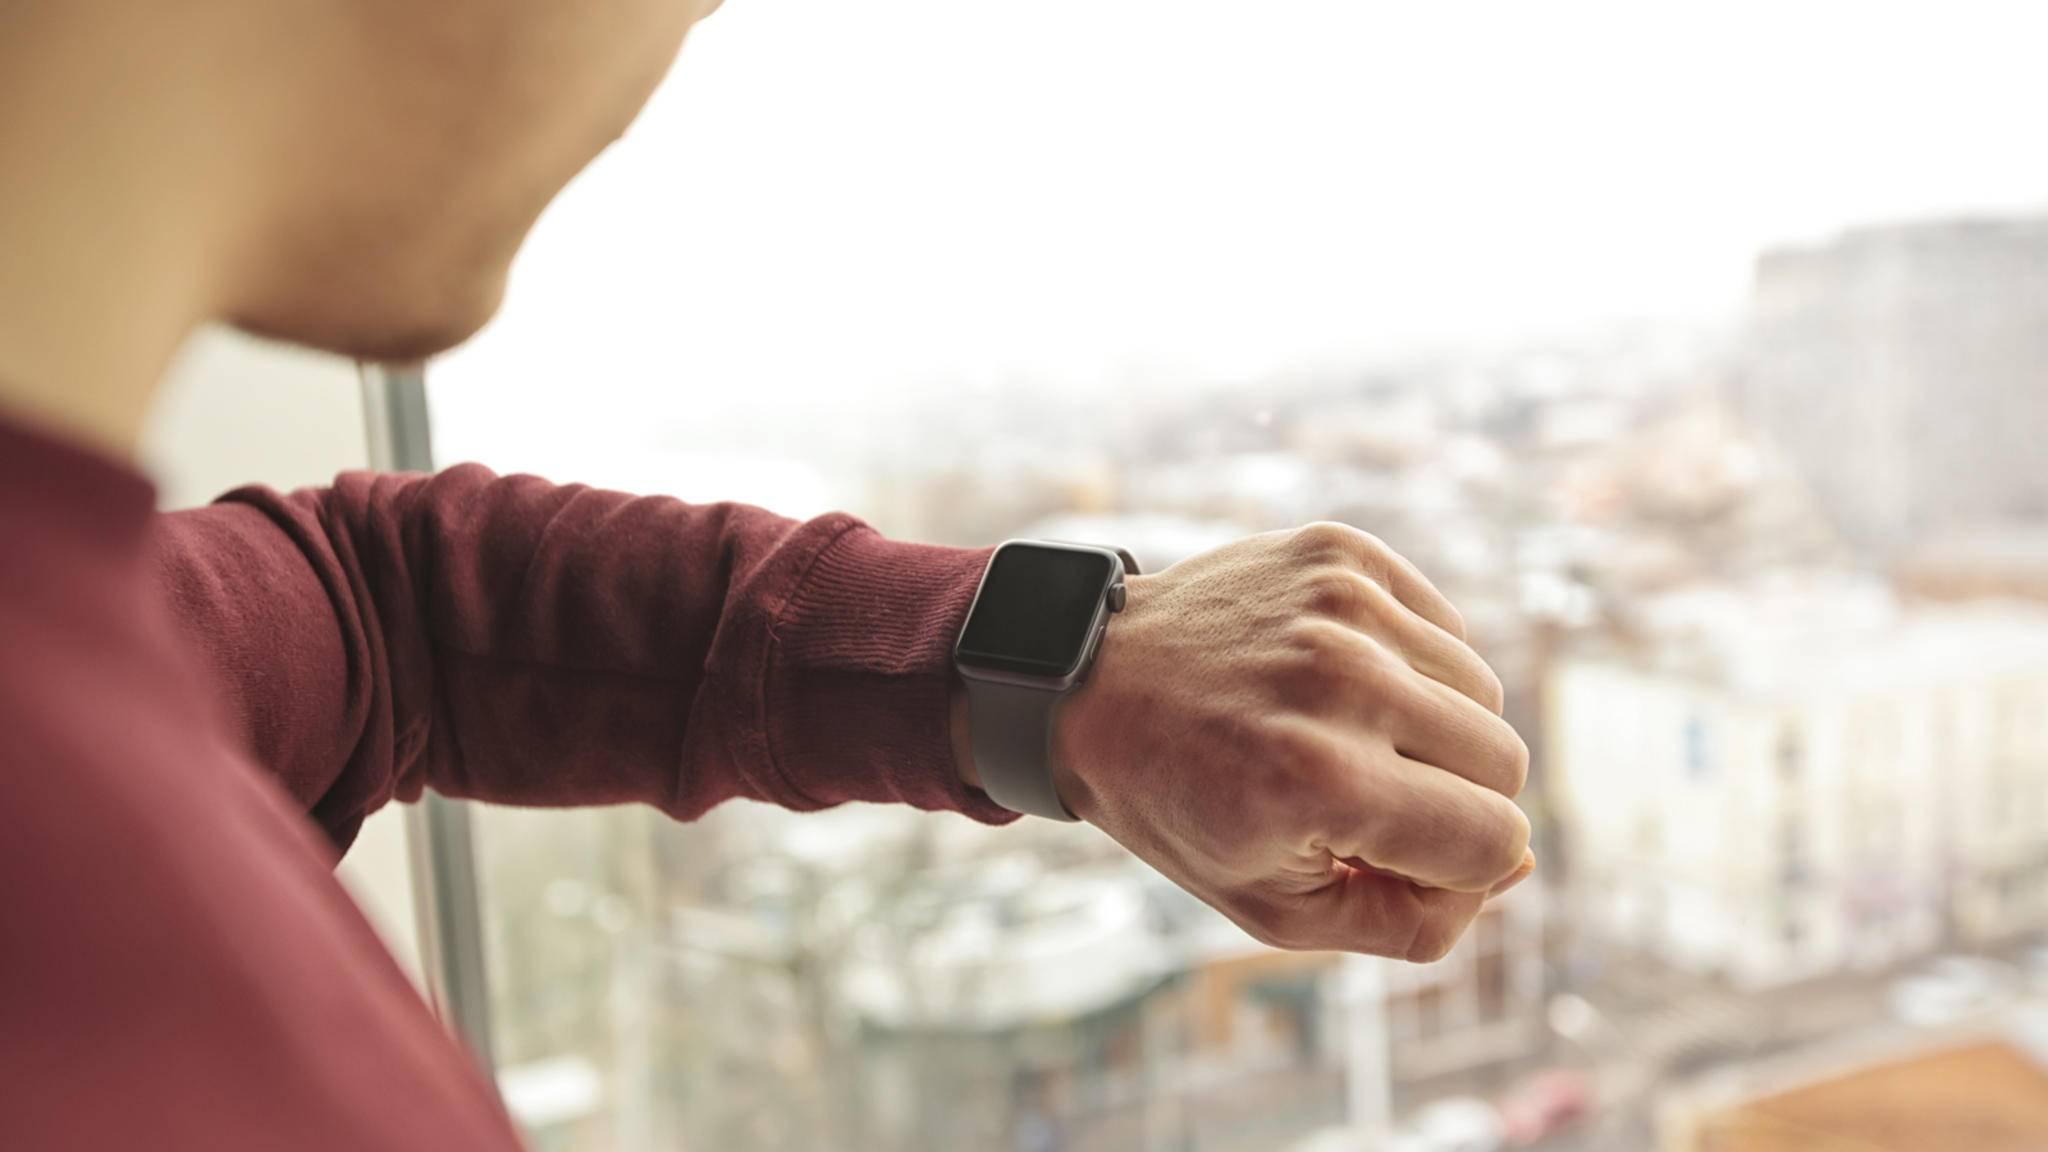 WhatsApp-Nachrichten können dank Spiegelung direkt auf der Apple Watch mit vordefinierten Mitteilungen beantwortet werden.